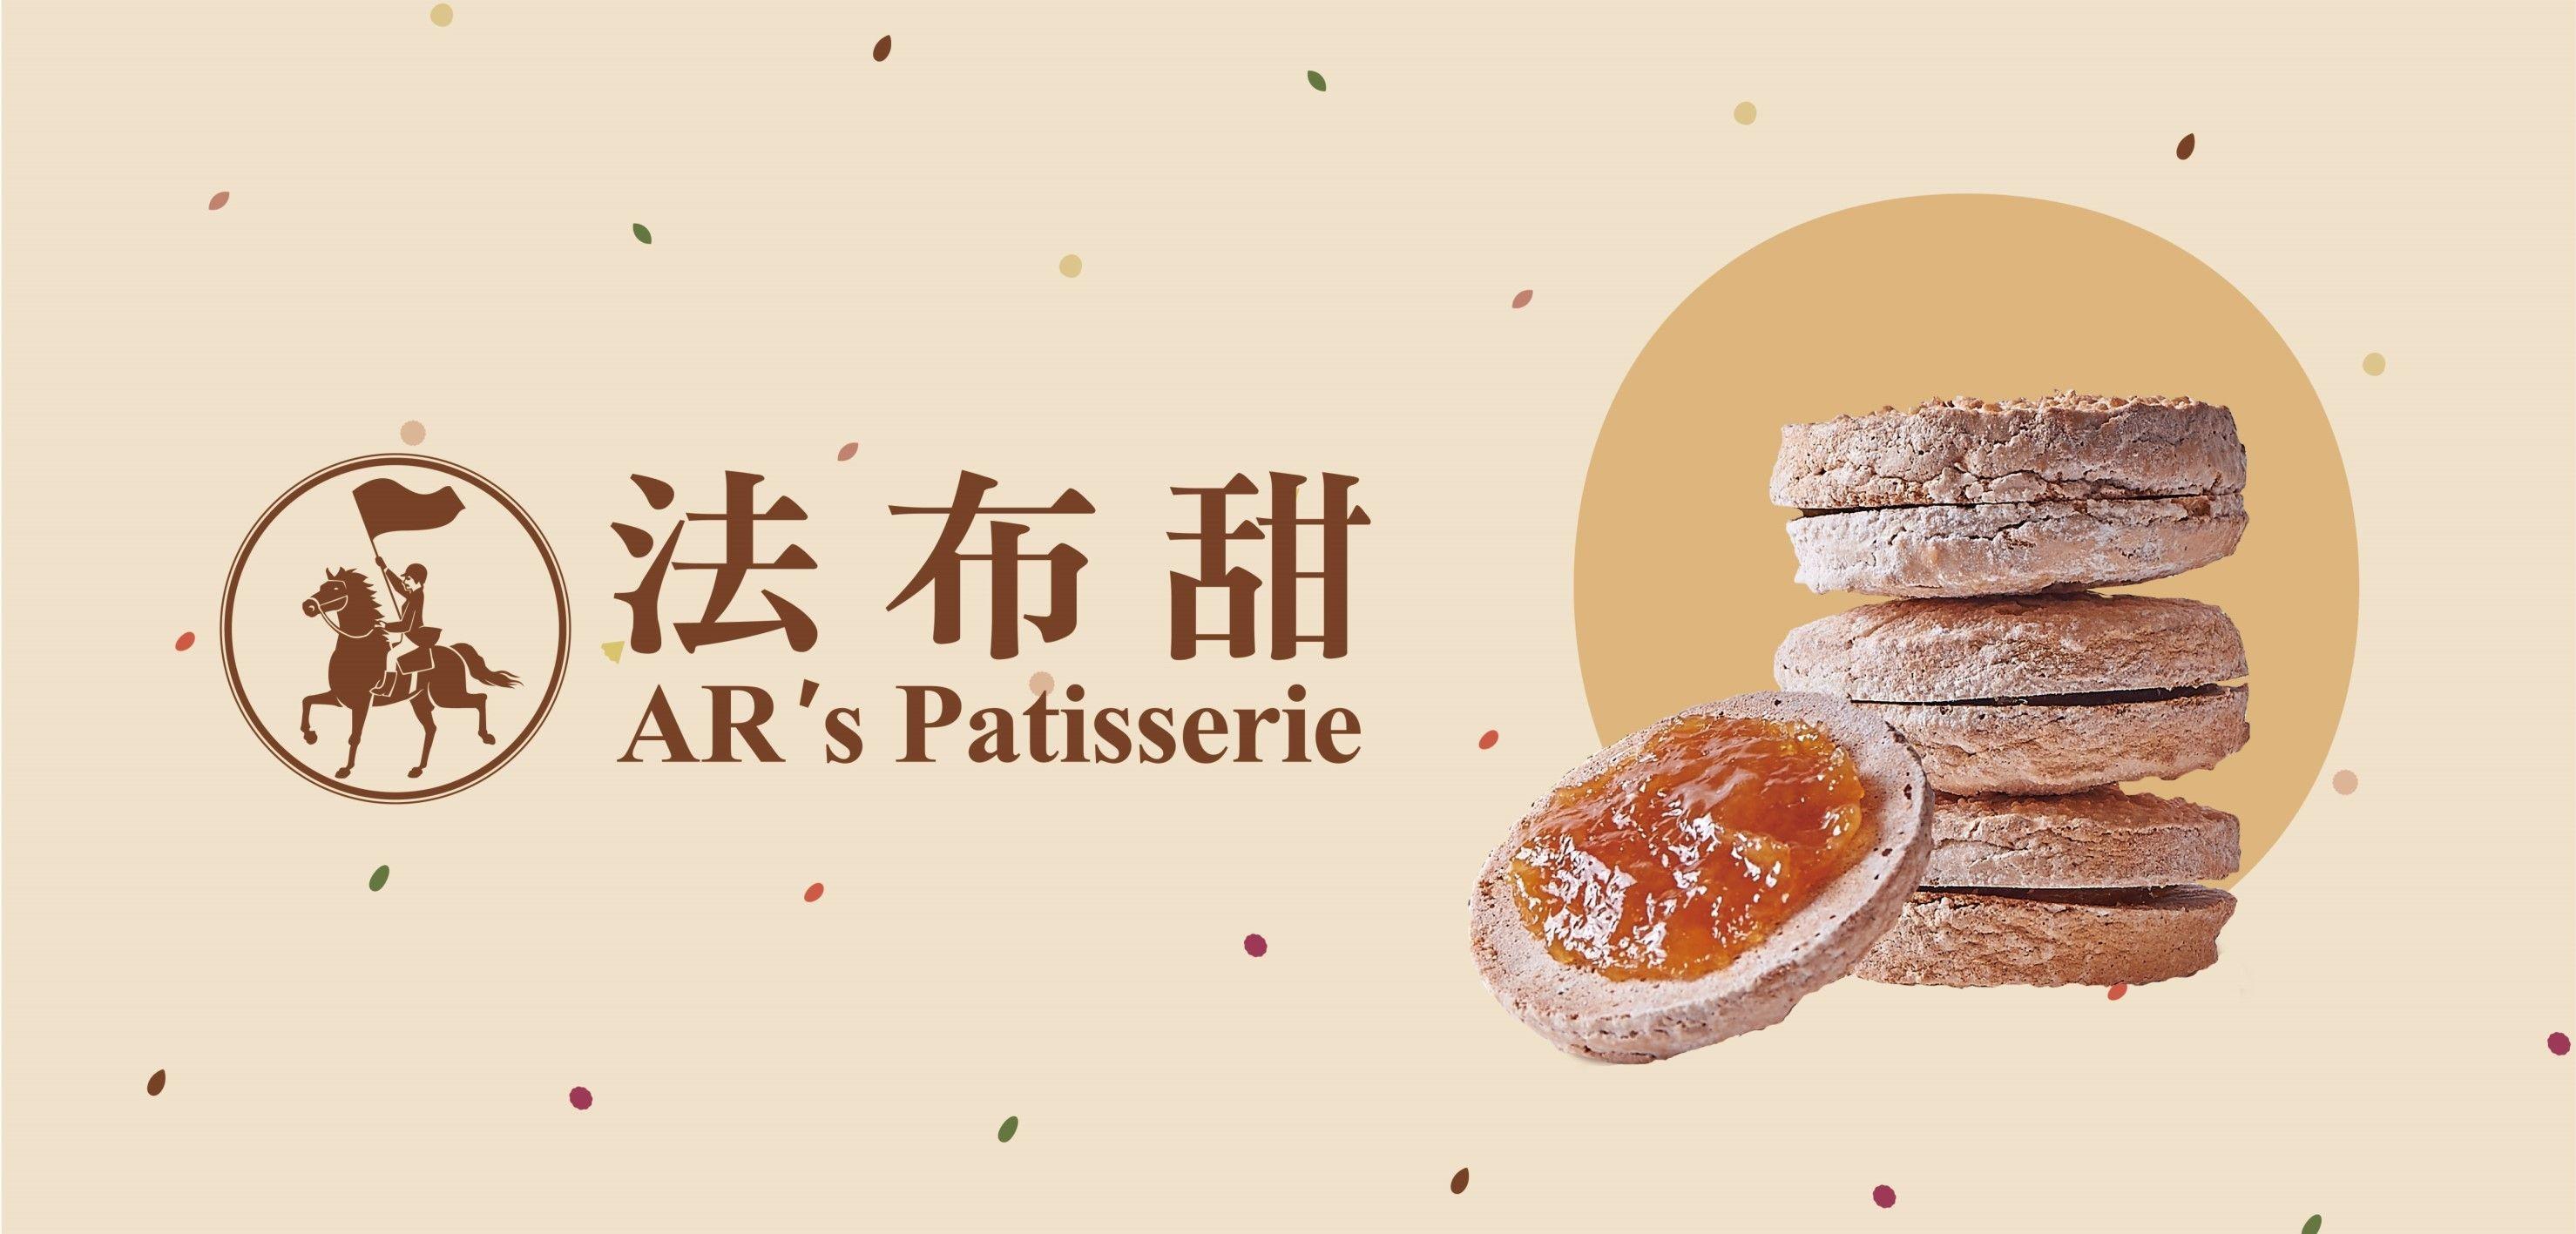 原味單盒特賣【法布甜AR's Patisserie】法式鳳梨酥(低油低糖低熱量)12入/盒